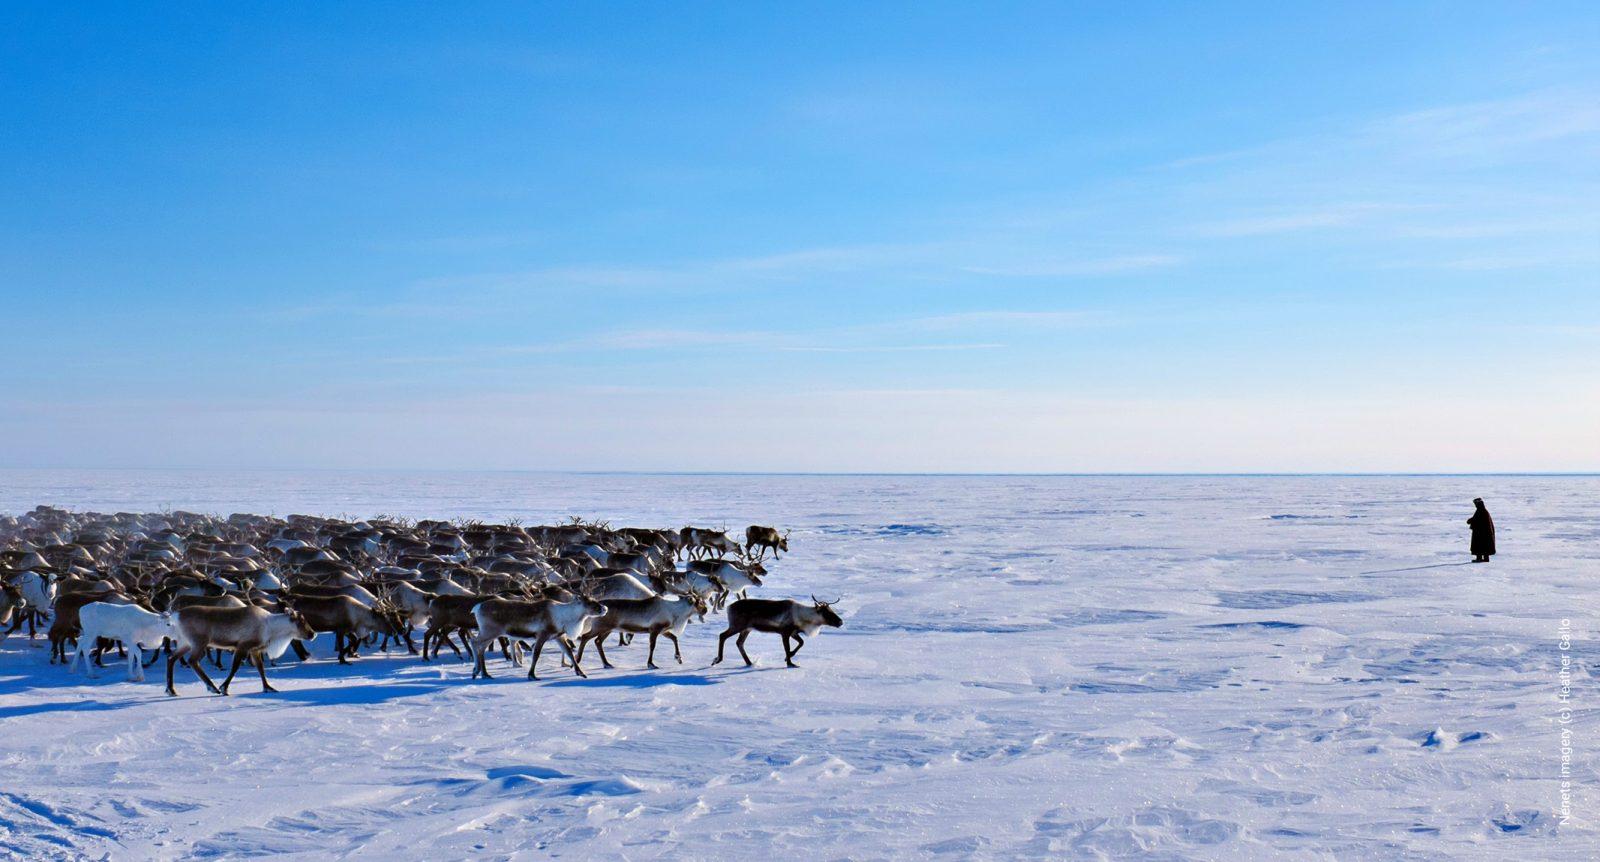 Nenets reindeer imagery (c) Heather Gallo